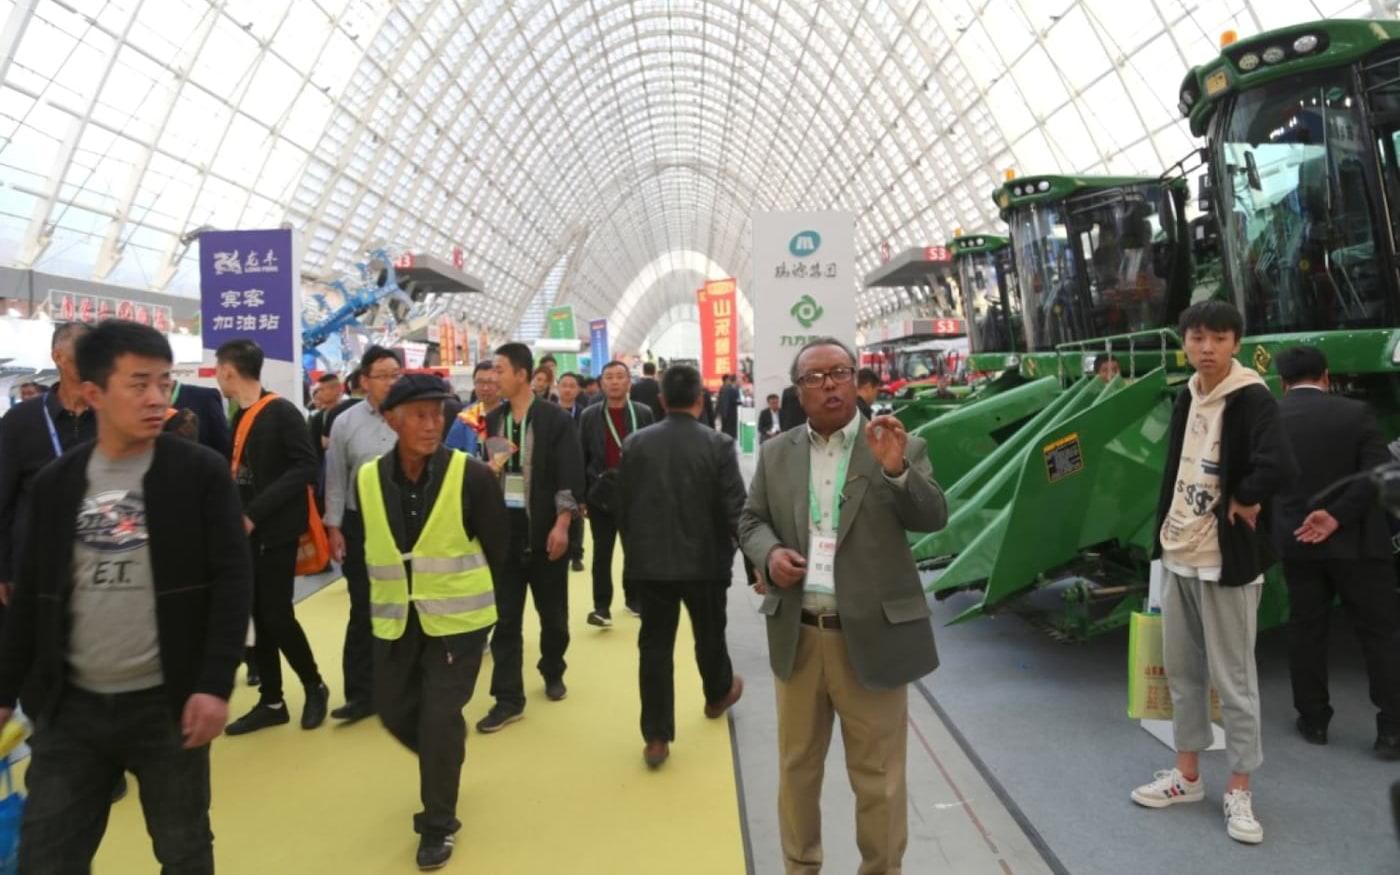 China mostra alta tecnologia com IA e IOT durante a Exposição Internacional de Máquinas Agrícolas